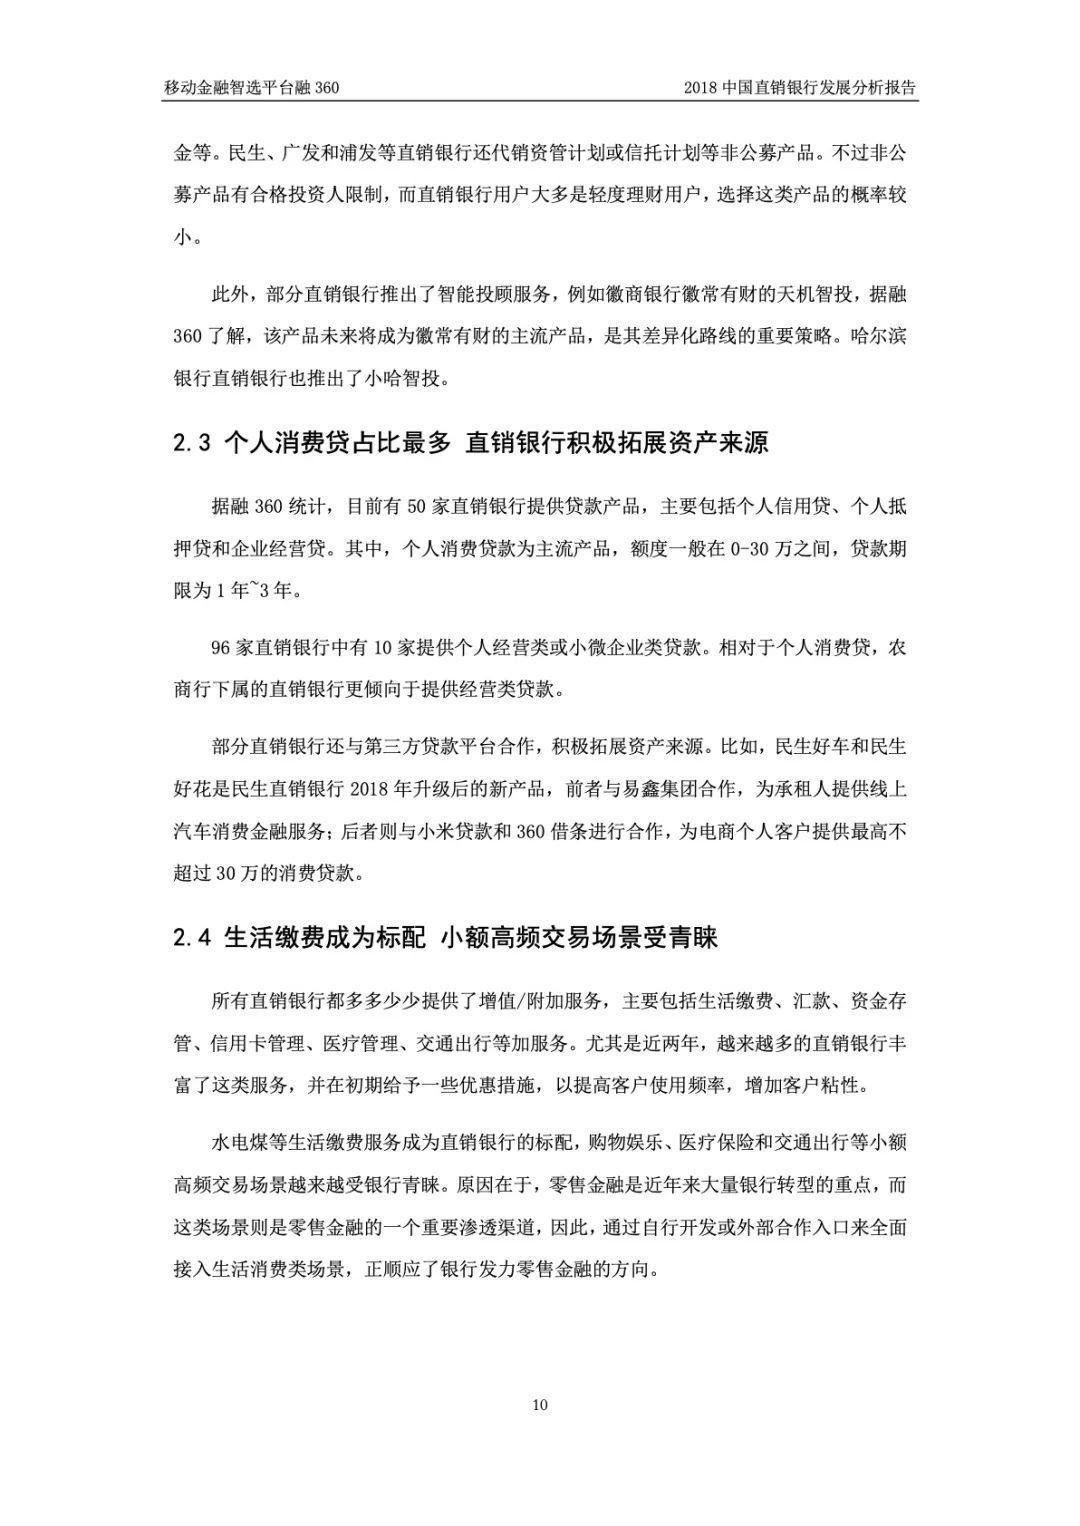 融360:2018 中国直销银行发展分析报告